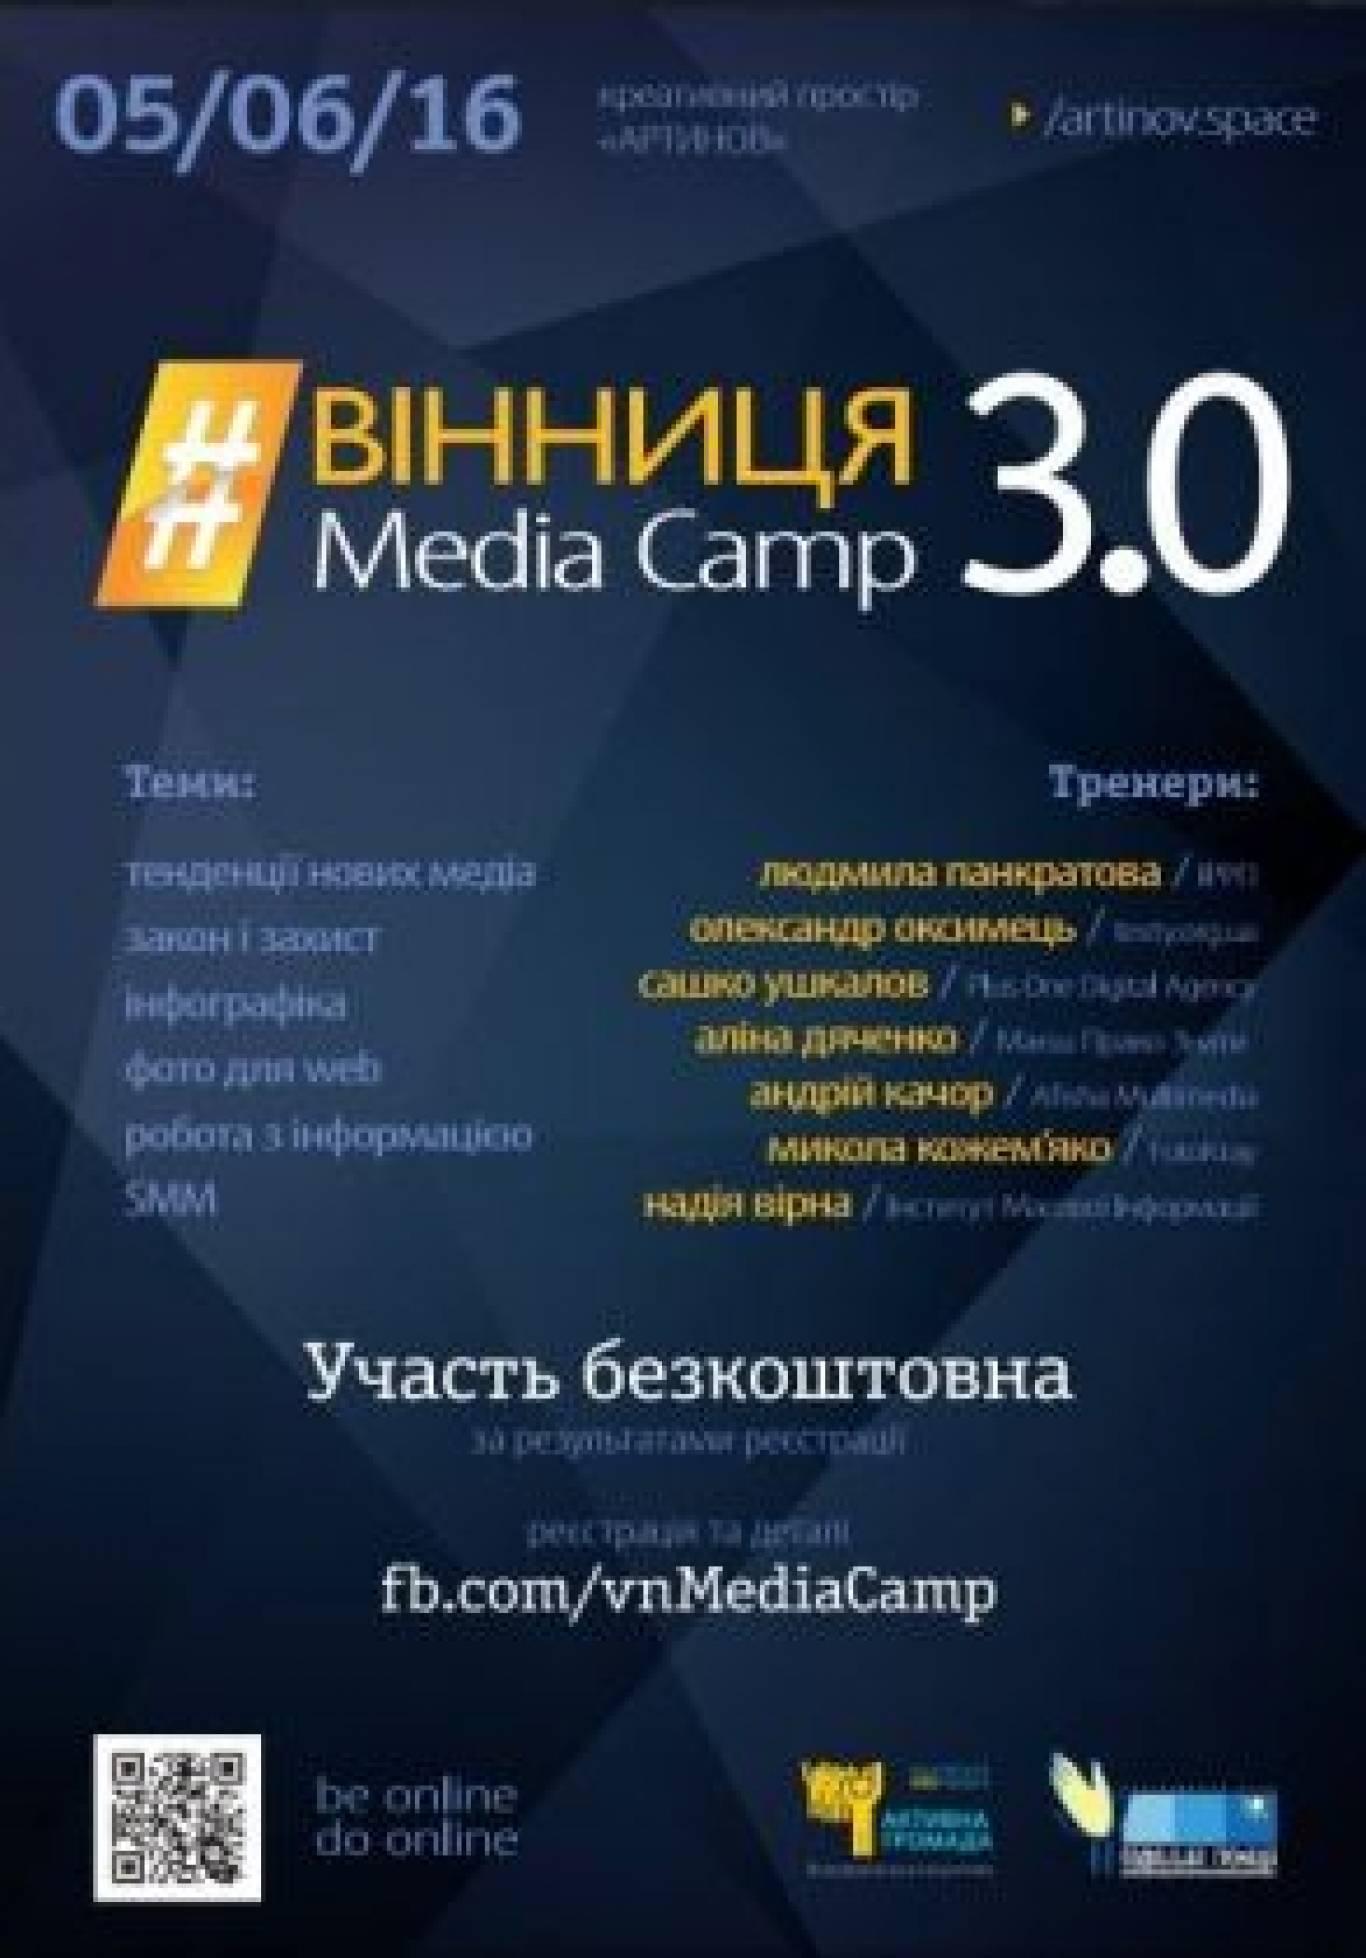 Безкоштовний медіа-тренінг #Вінниця 3.0 Media Camp